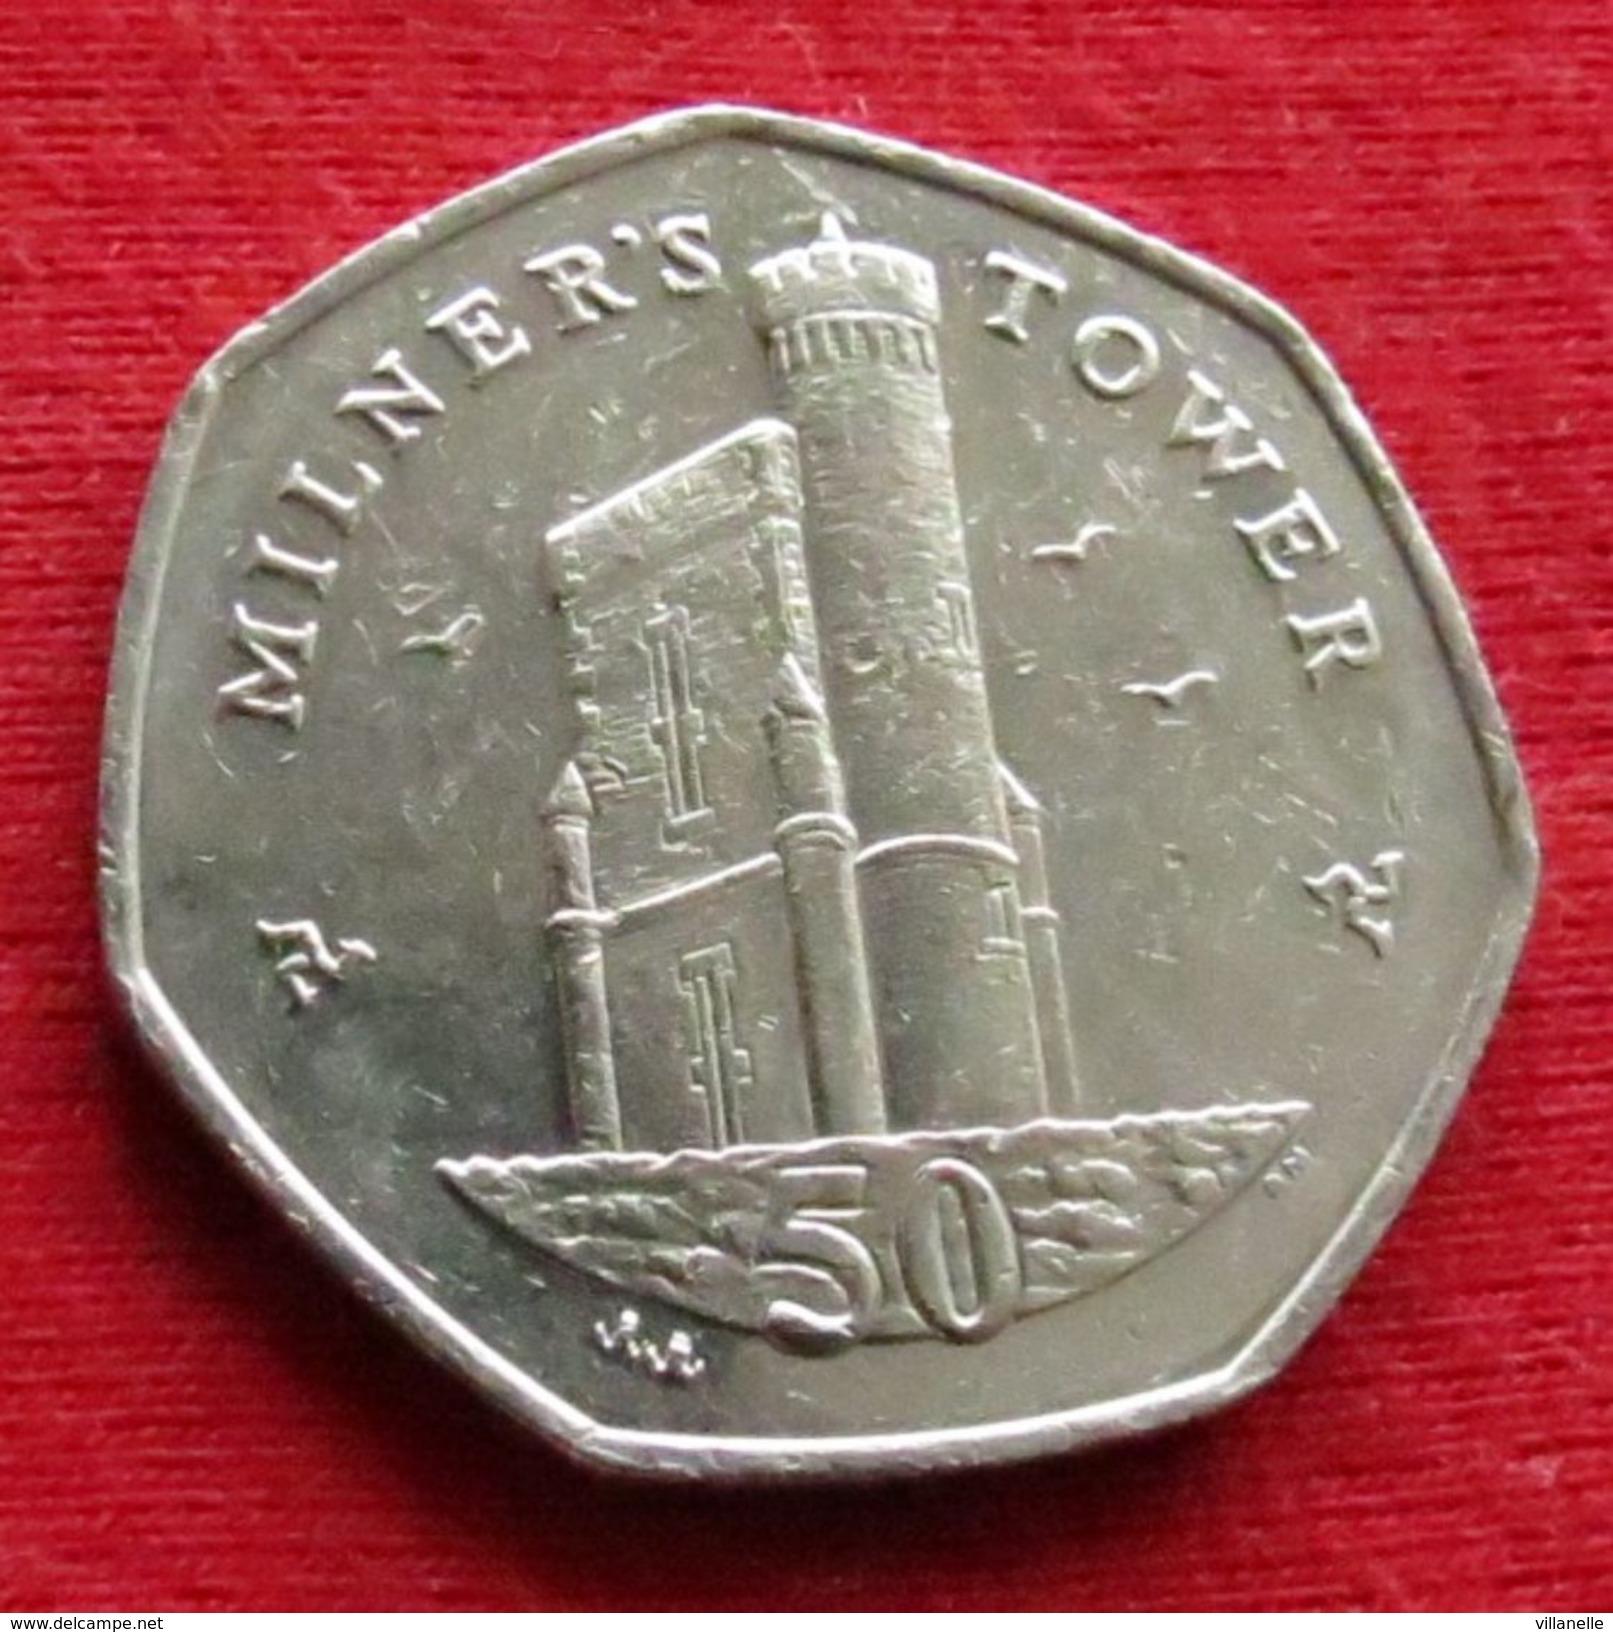 Isle Of Man 50 Pence 2010 KM# 1258  Ile De Man Isla De Man Isola Di Man - Regionale Währungen